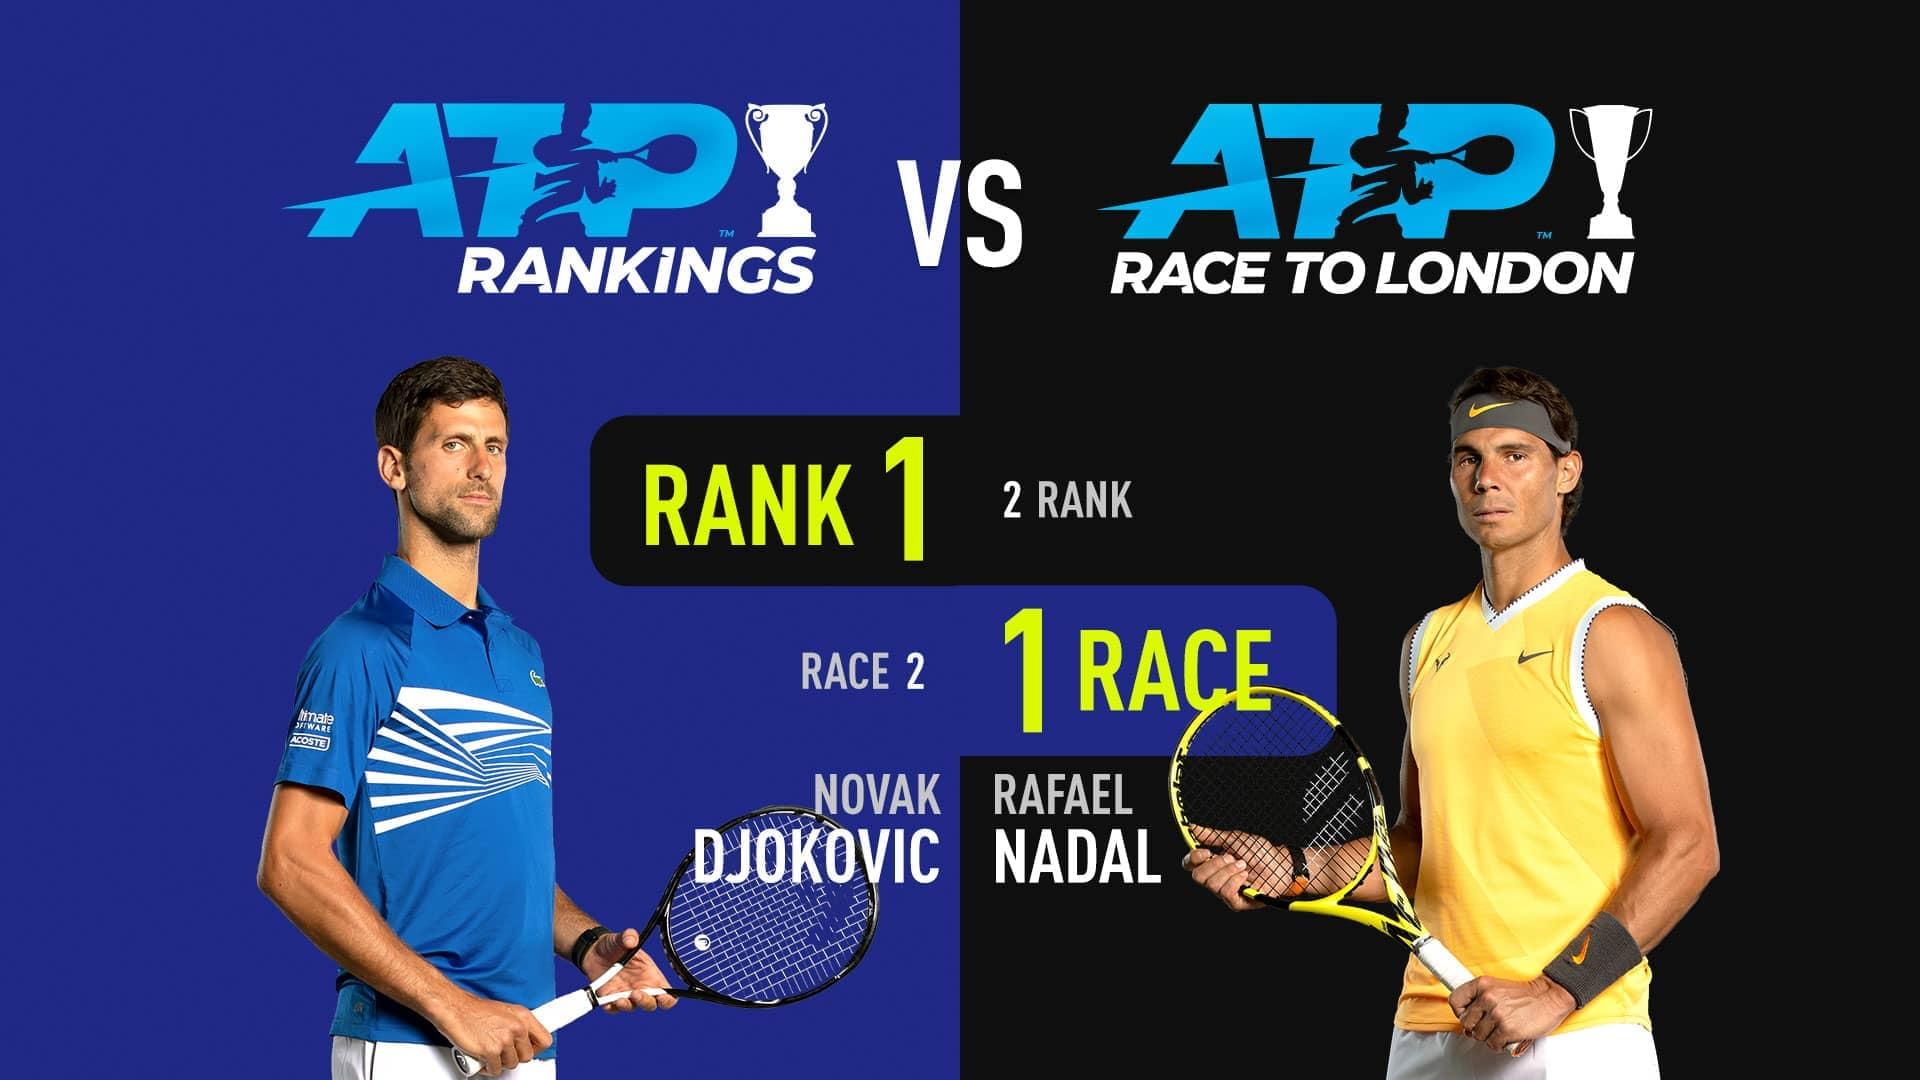 Надаль уходит в отрыв в чемпионской гонке, Медведев и Берреттини установили личные рекорды в рейтинге ATP